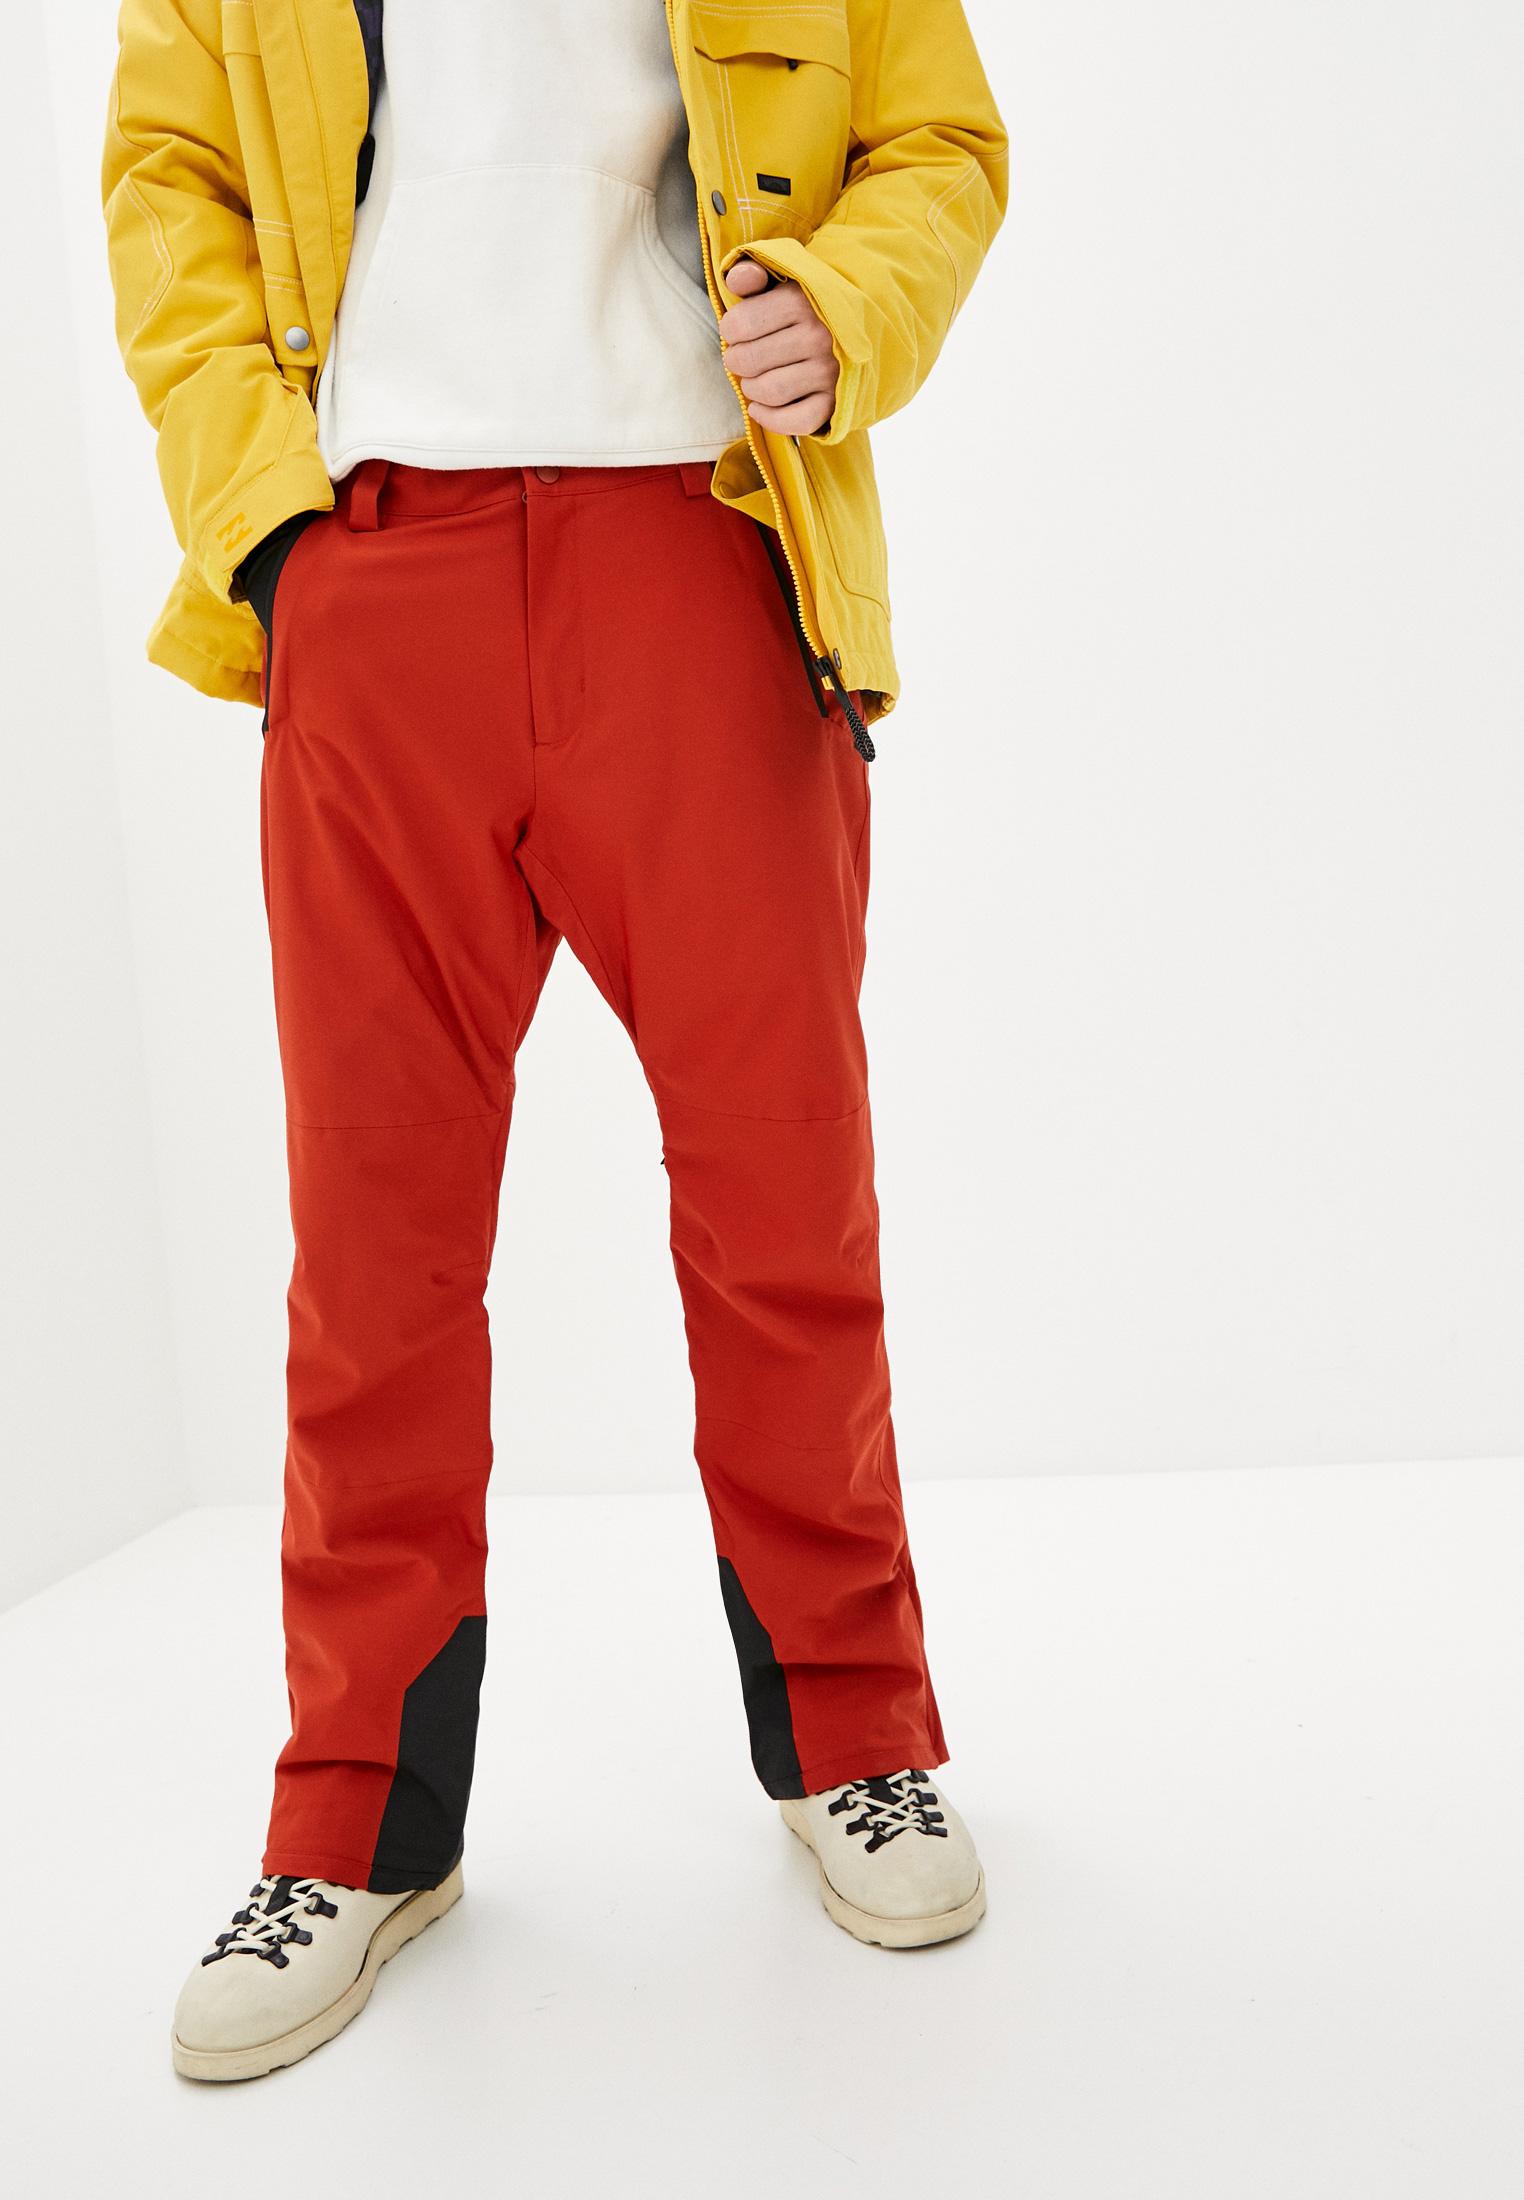 Мужские спортивные брюки Billabong (Биллабонг) Брюки сноубордические Billabong